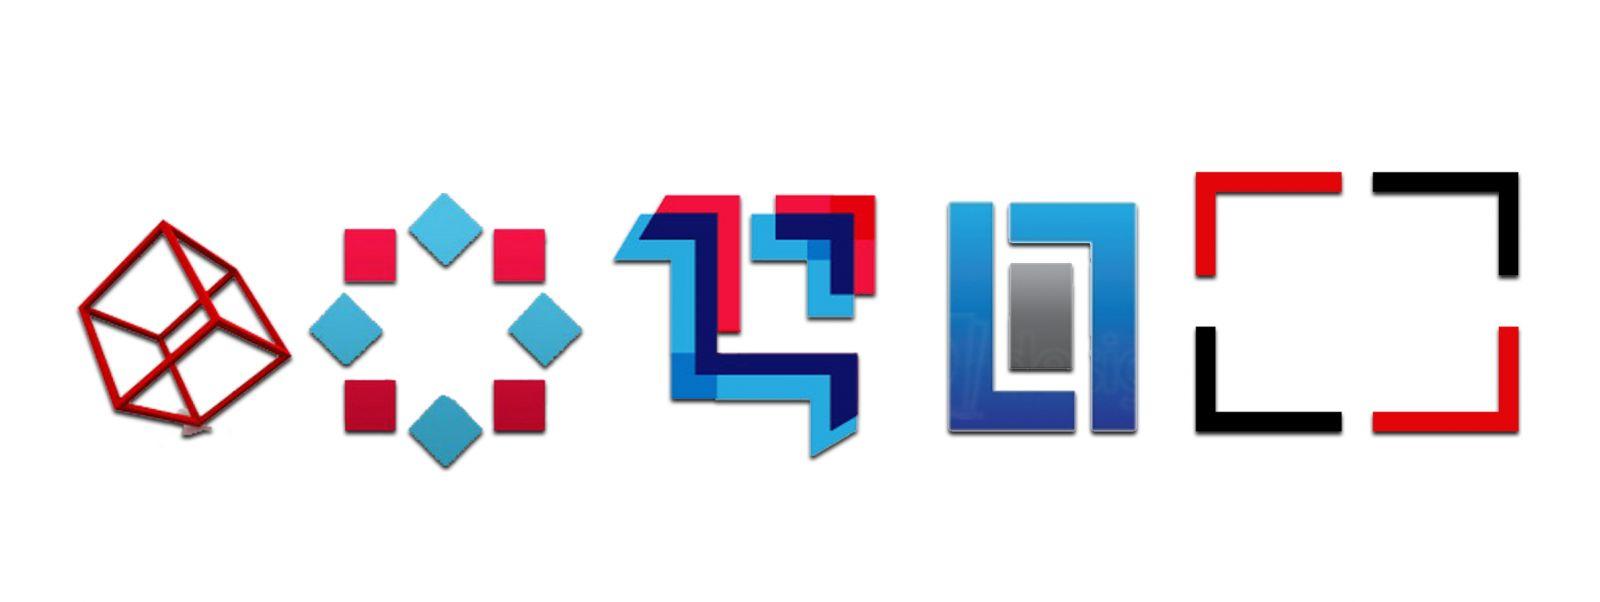 thiet ke logo hinh vuông